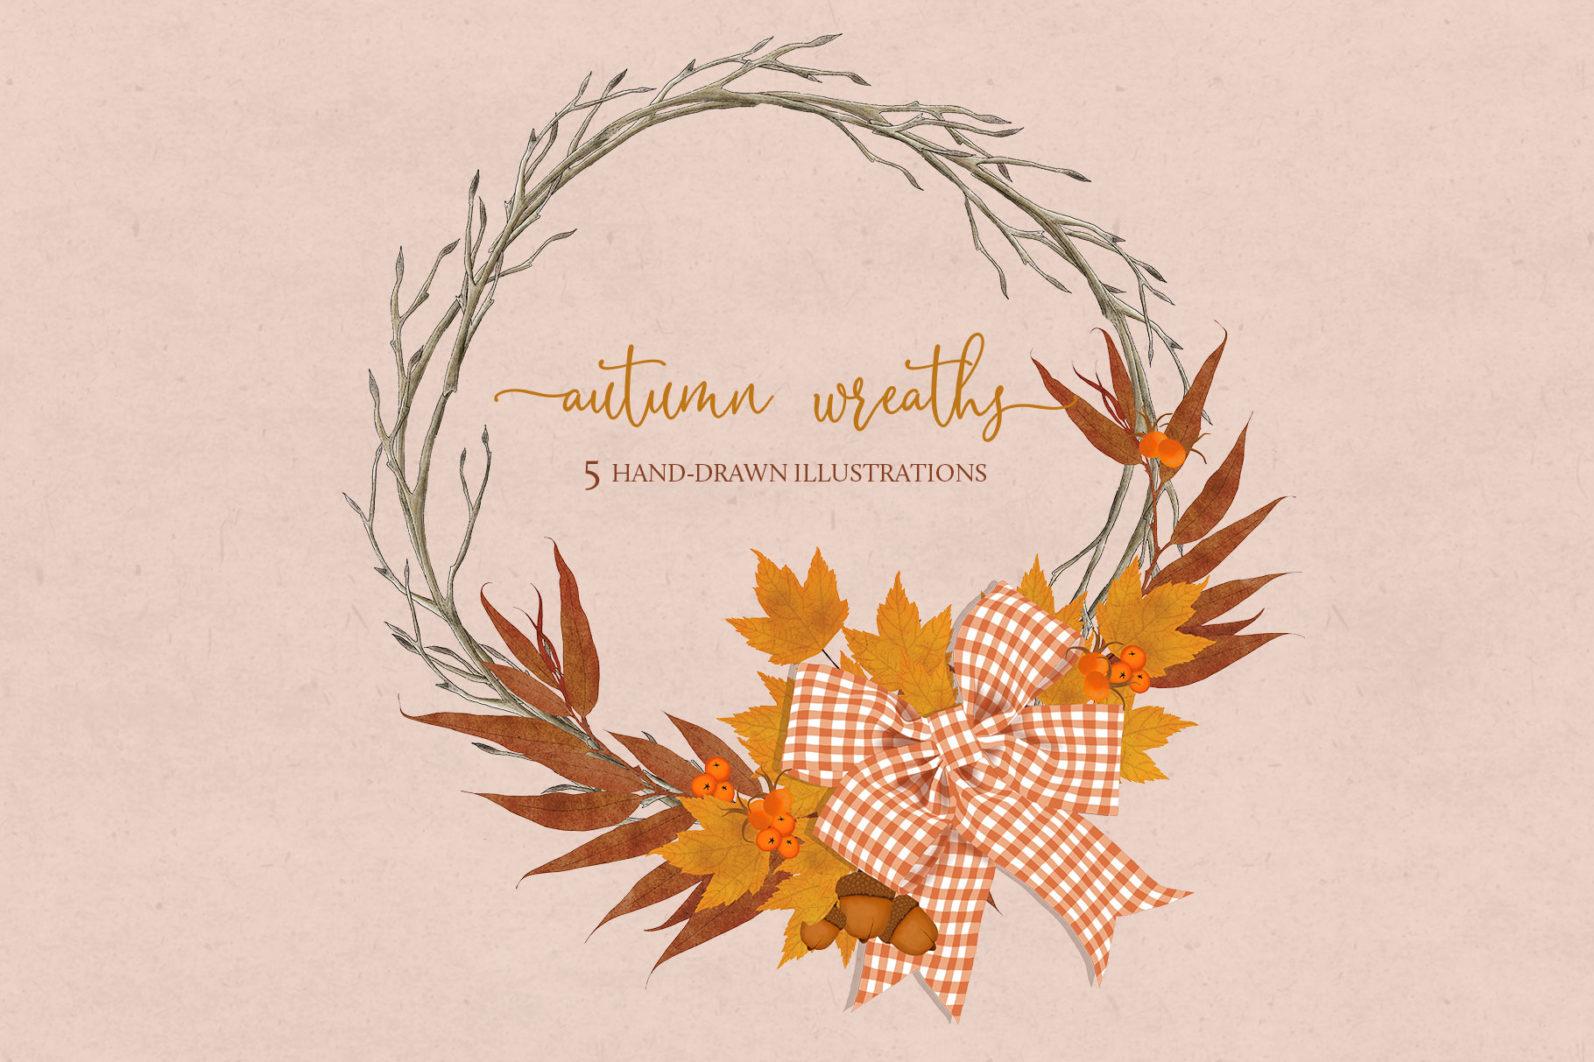 Autumn Wreaths - autumn wreaths title -